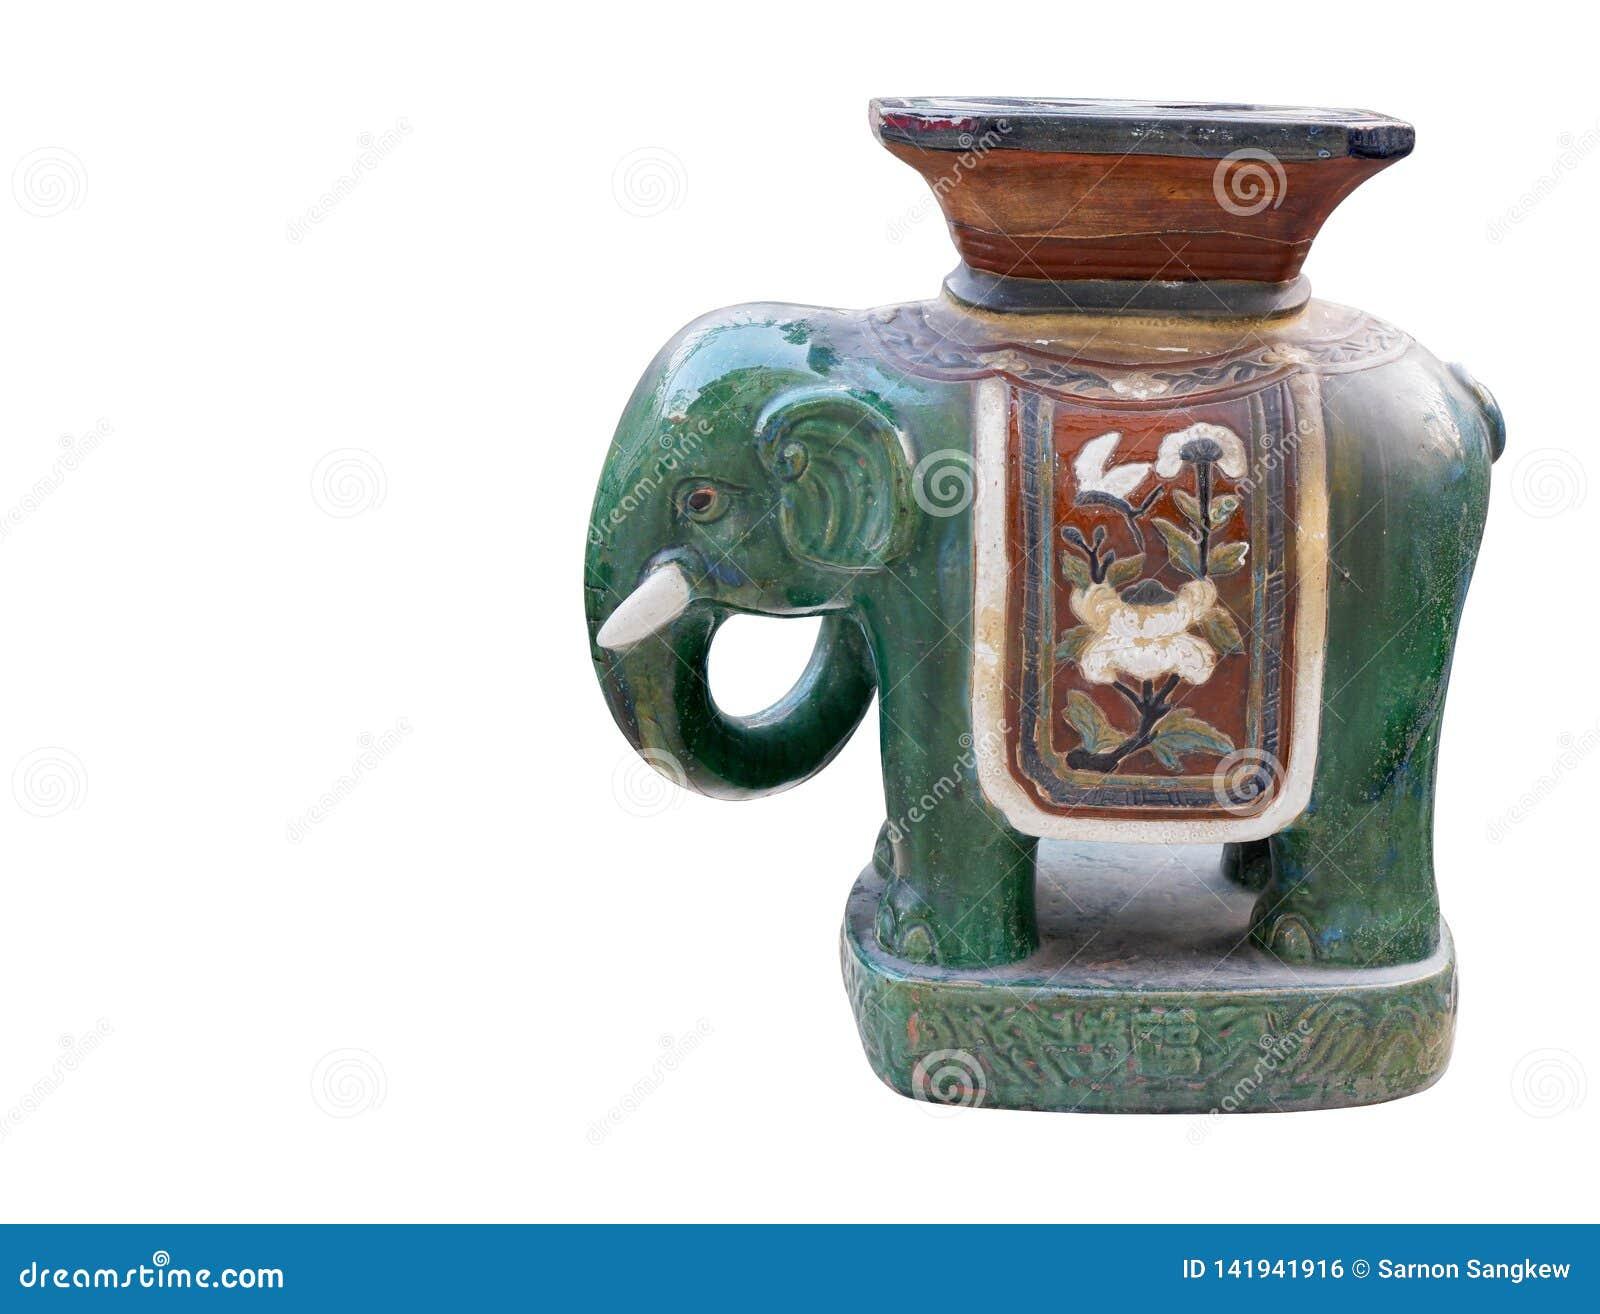 Antik grön elefant för sidosikt som är keramisk på vit bakgrund, tappning, objekt, kopieringsutrymme